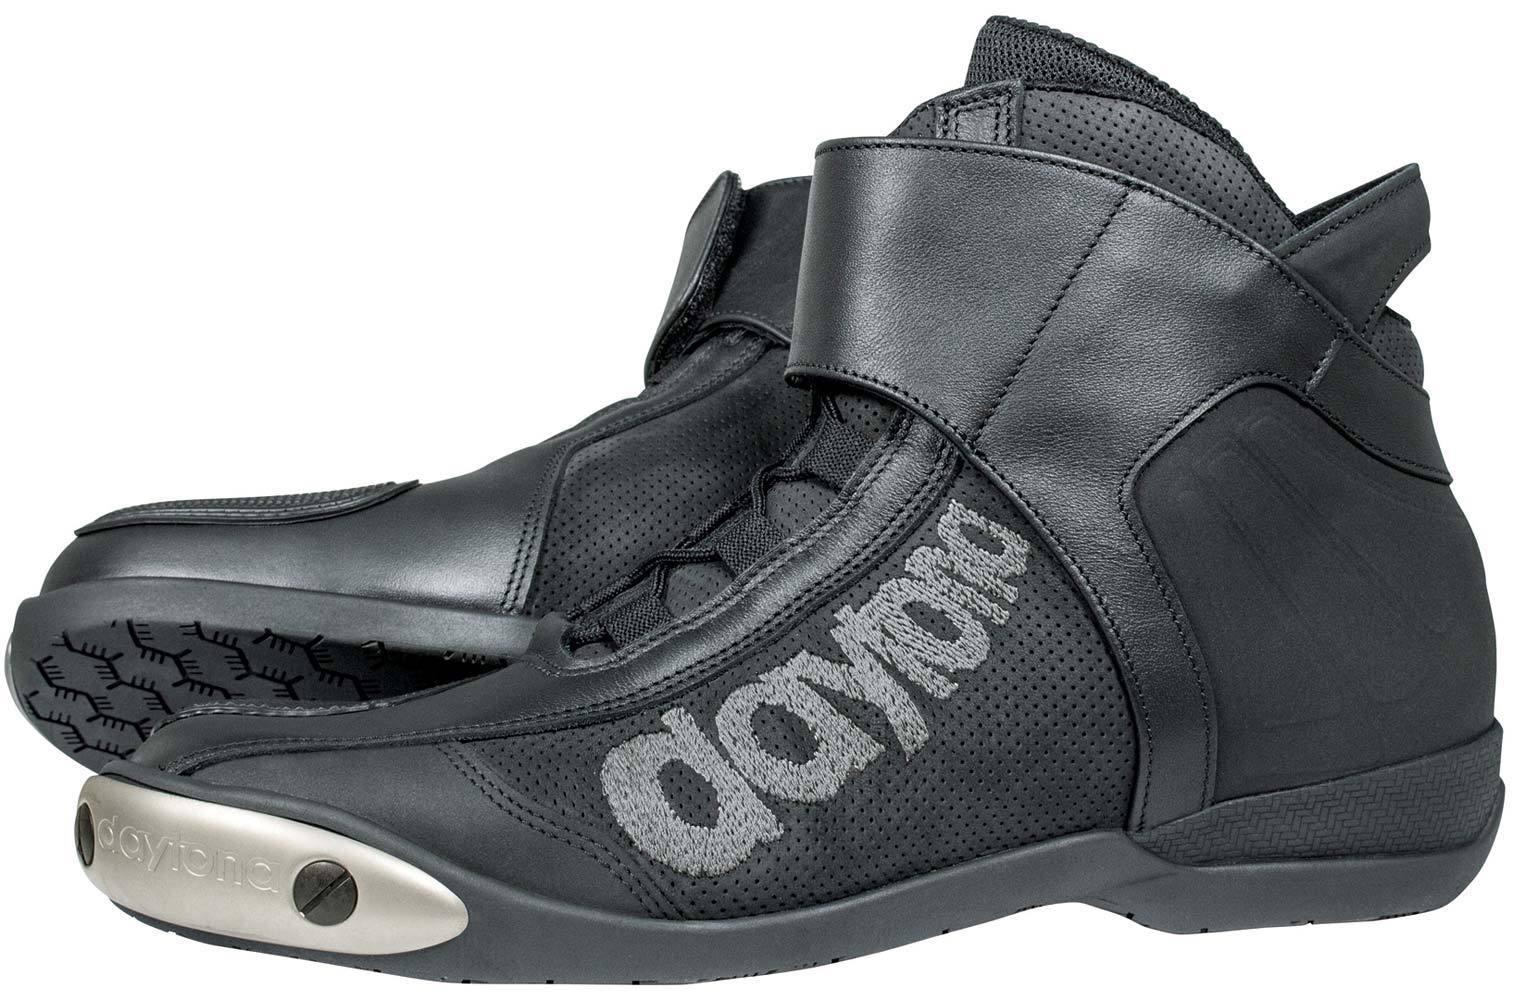 Daytona AC Pro Motorradstiefel, schwarz, Größe 37, schwarz, Größe 37